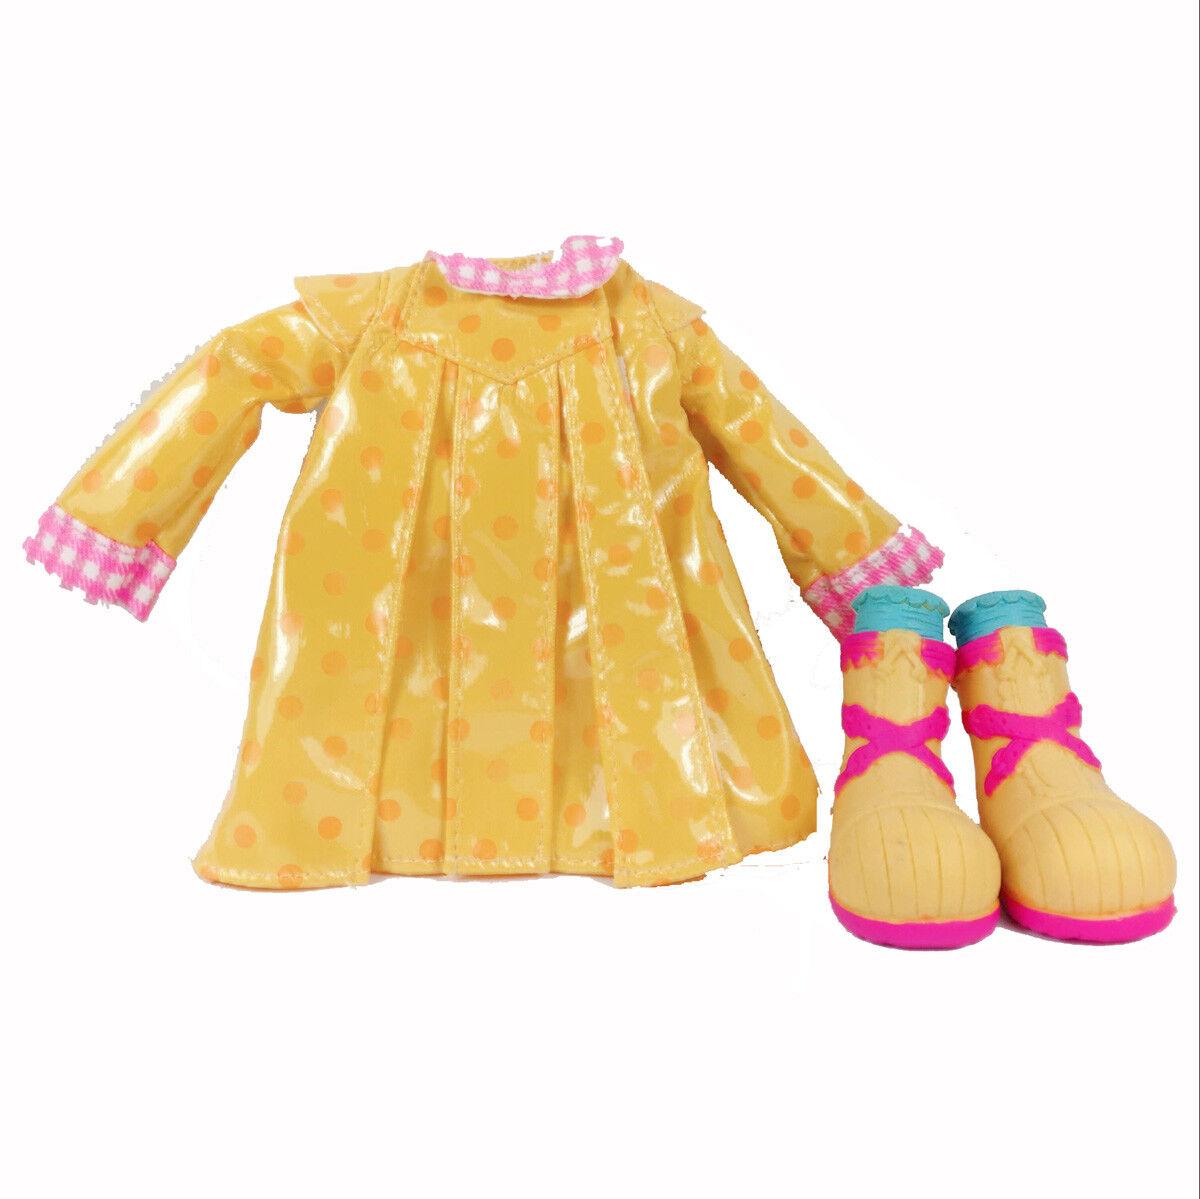 3 Kit MGA LALALOOPSY DOLL Fashion Outfit Clothes Dress Pajamas Raincoat Shoes 4